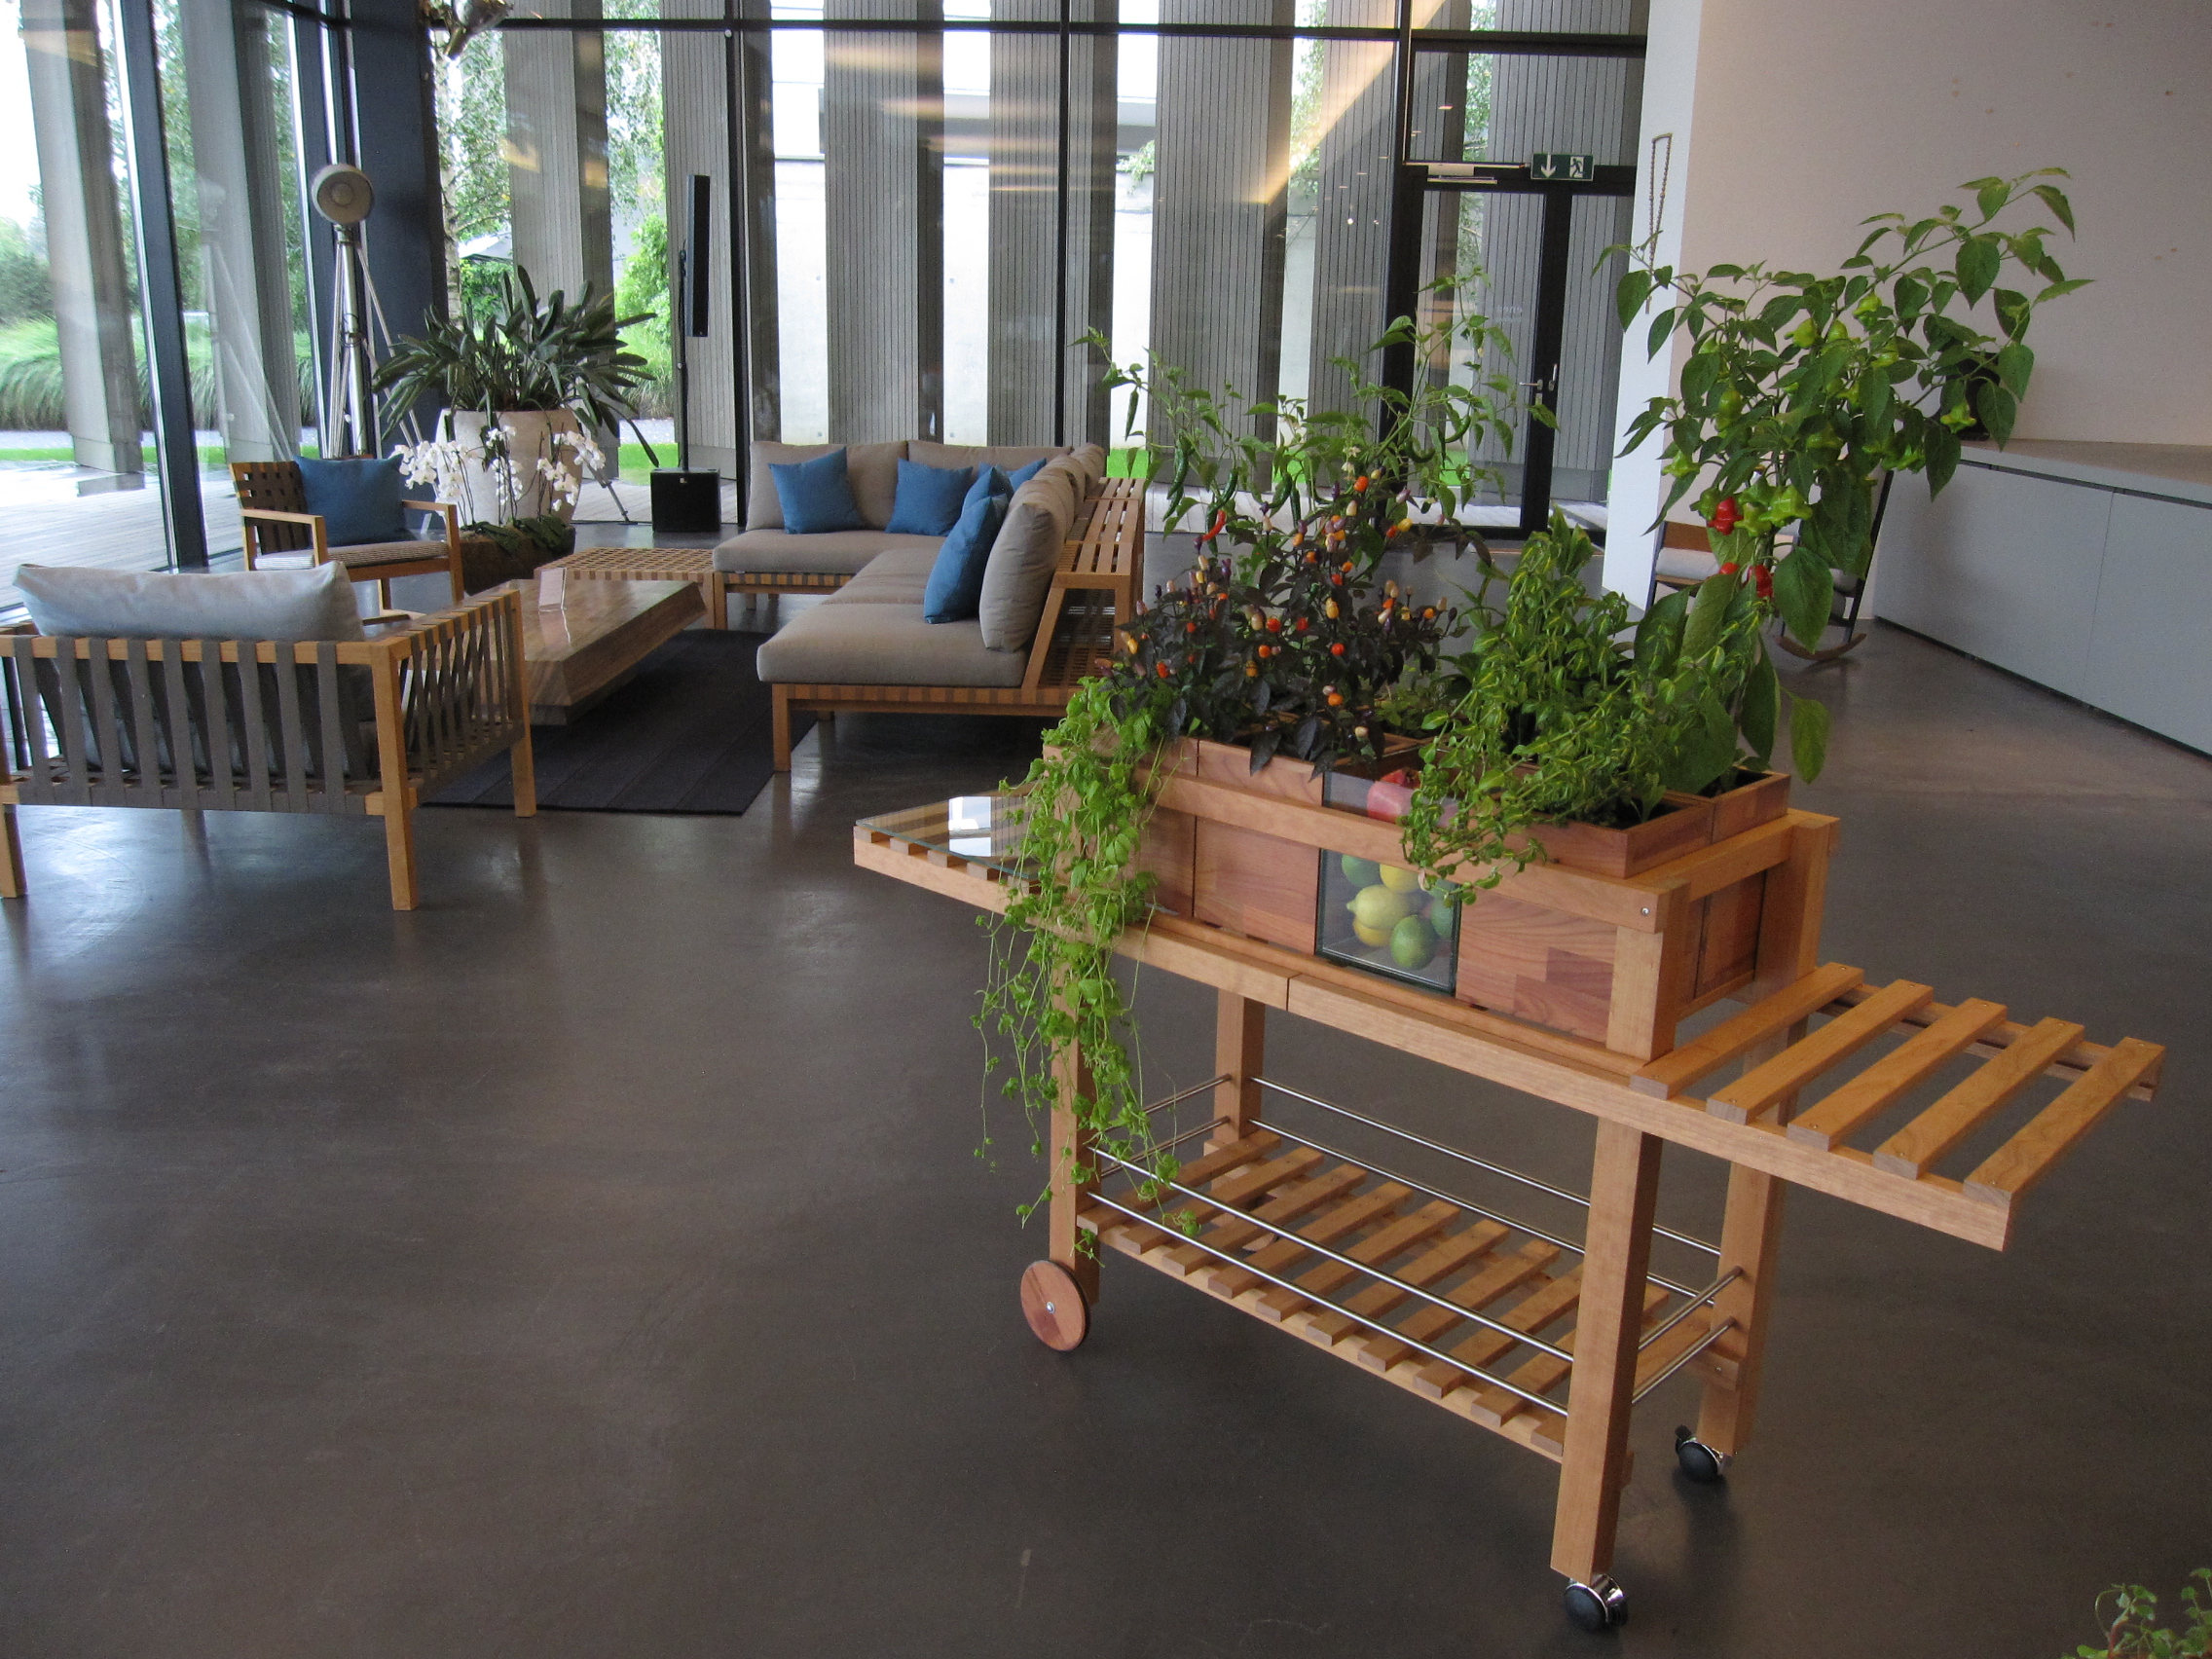 Medienbericht Rolender Grten Hochbeet Urban Gardening